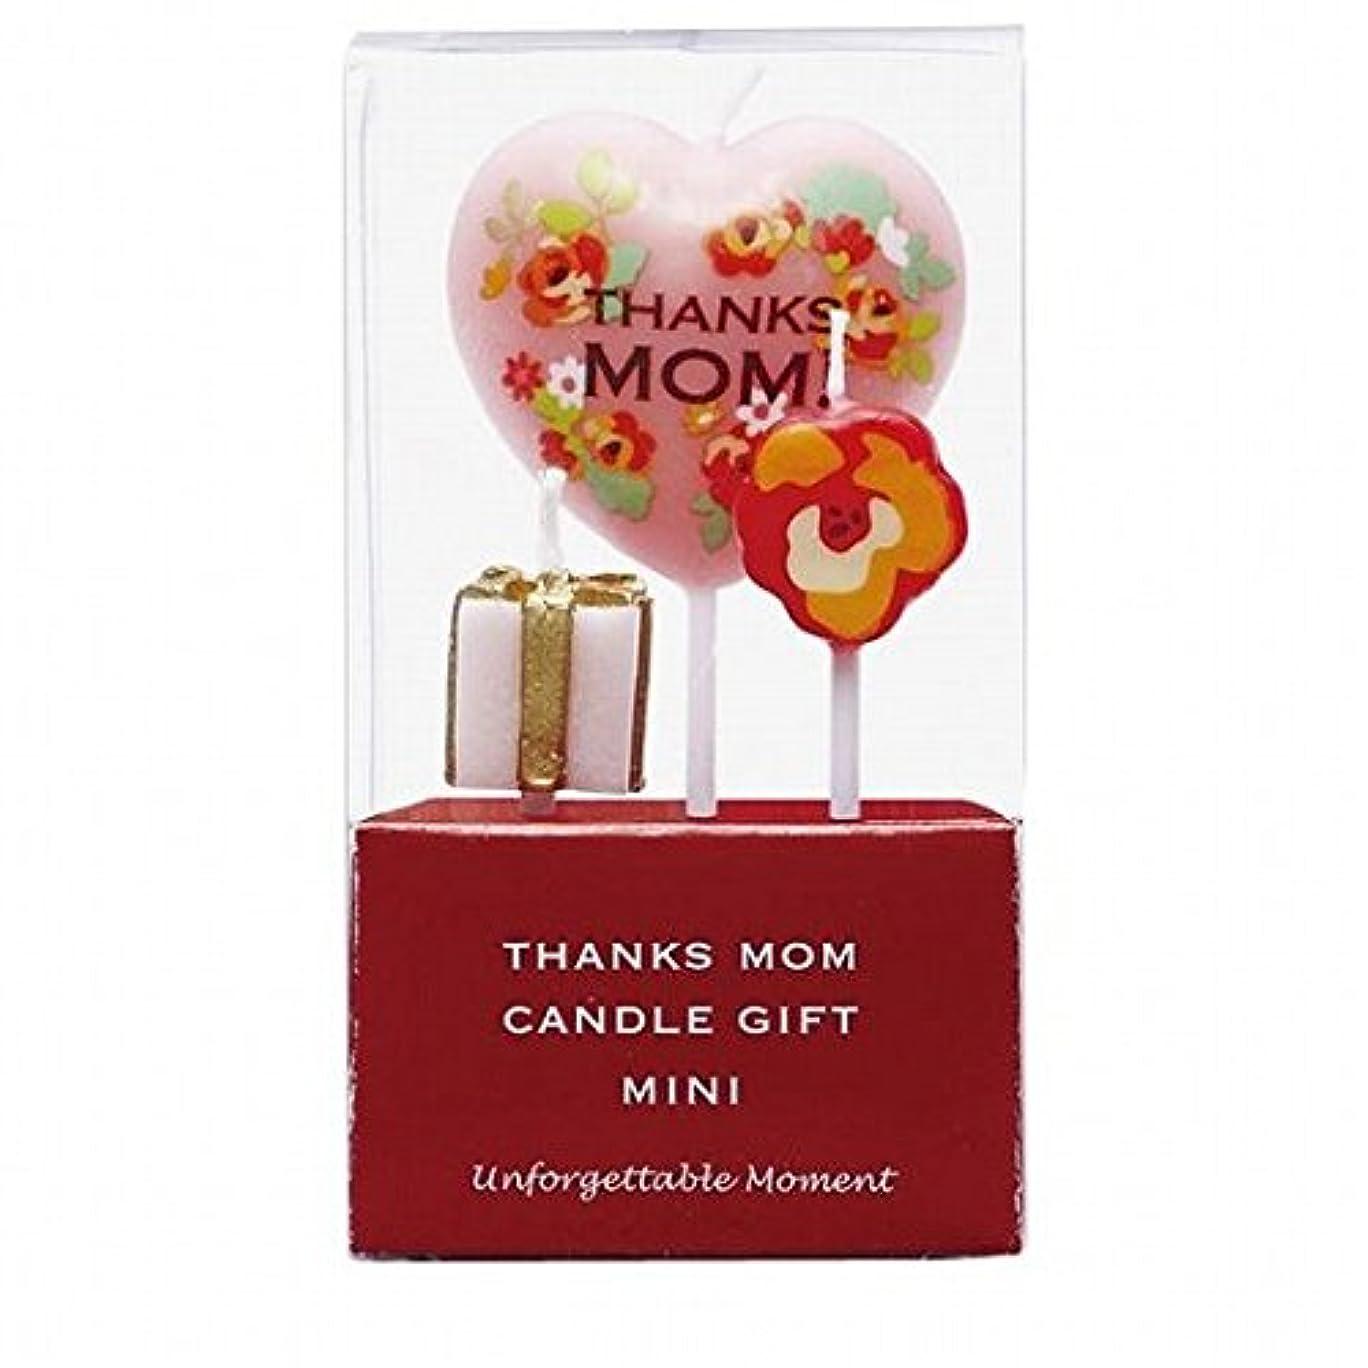 kameyama candle(カメヤマキャンドル) おかあさんありがとうキャンドルギフトミニ(55350090)